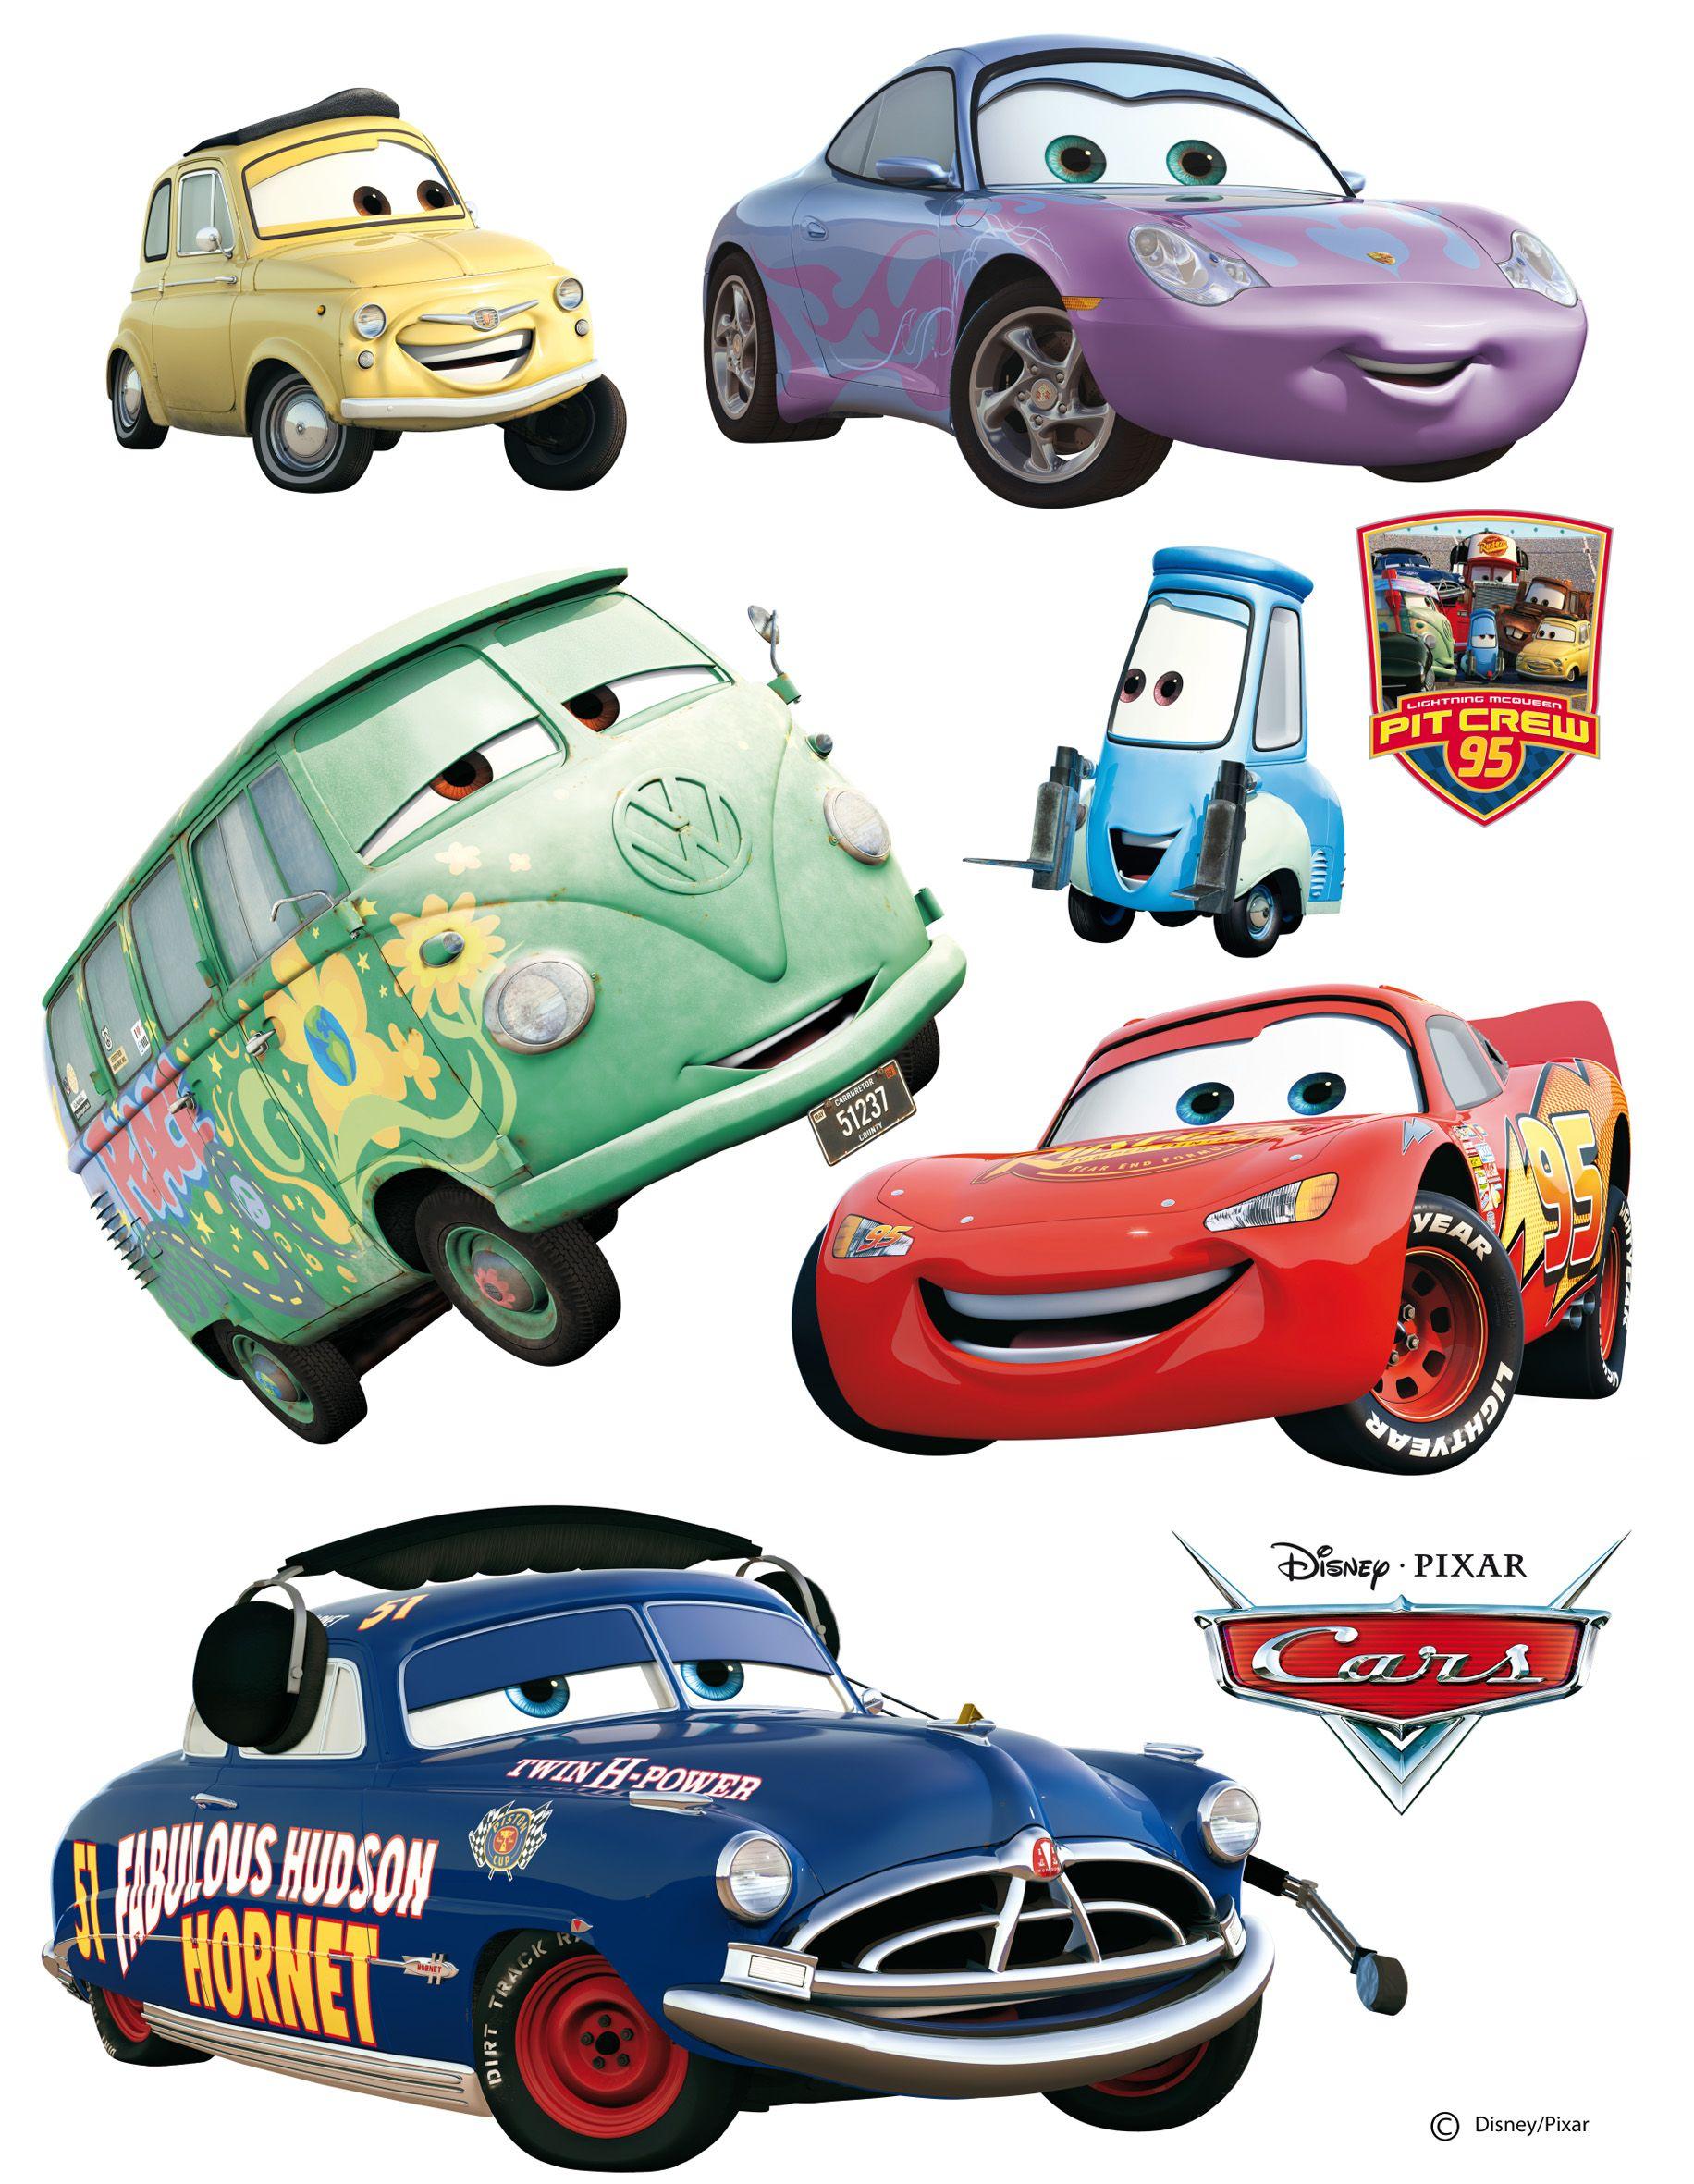 Cars Pitcrew 95 Deze Cars Muurstickers Zitten Op Een Groot Vel Van 65 X 90 Cm En Bevat In Totaal 8 Grote Muurstickers Cars De Disney Disney Cars Sticker Decor [ 2362 x 1832 Pixel ]